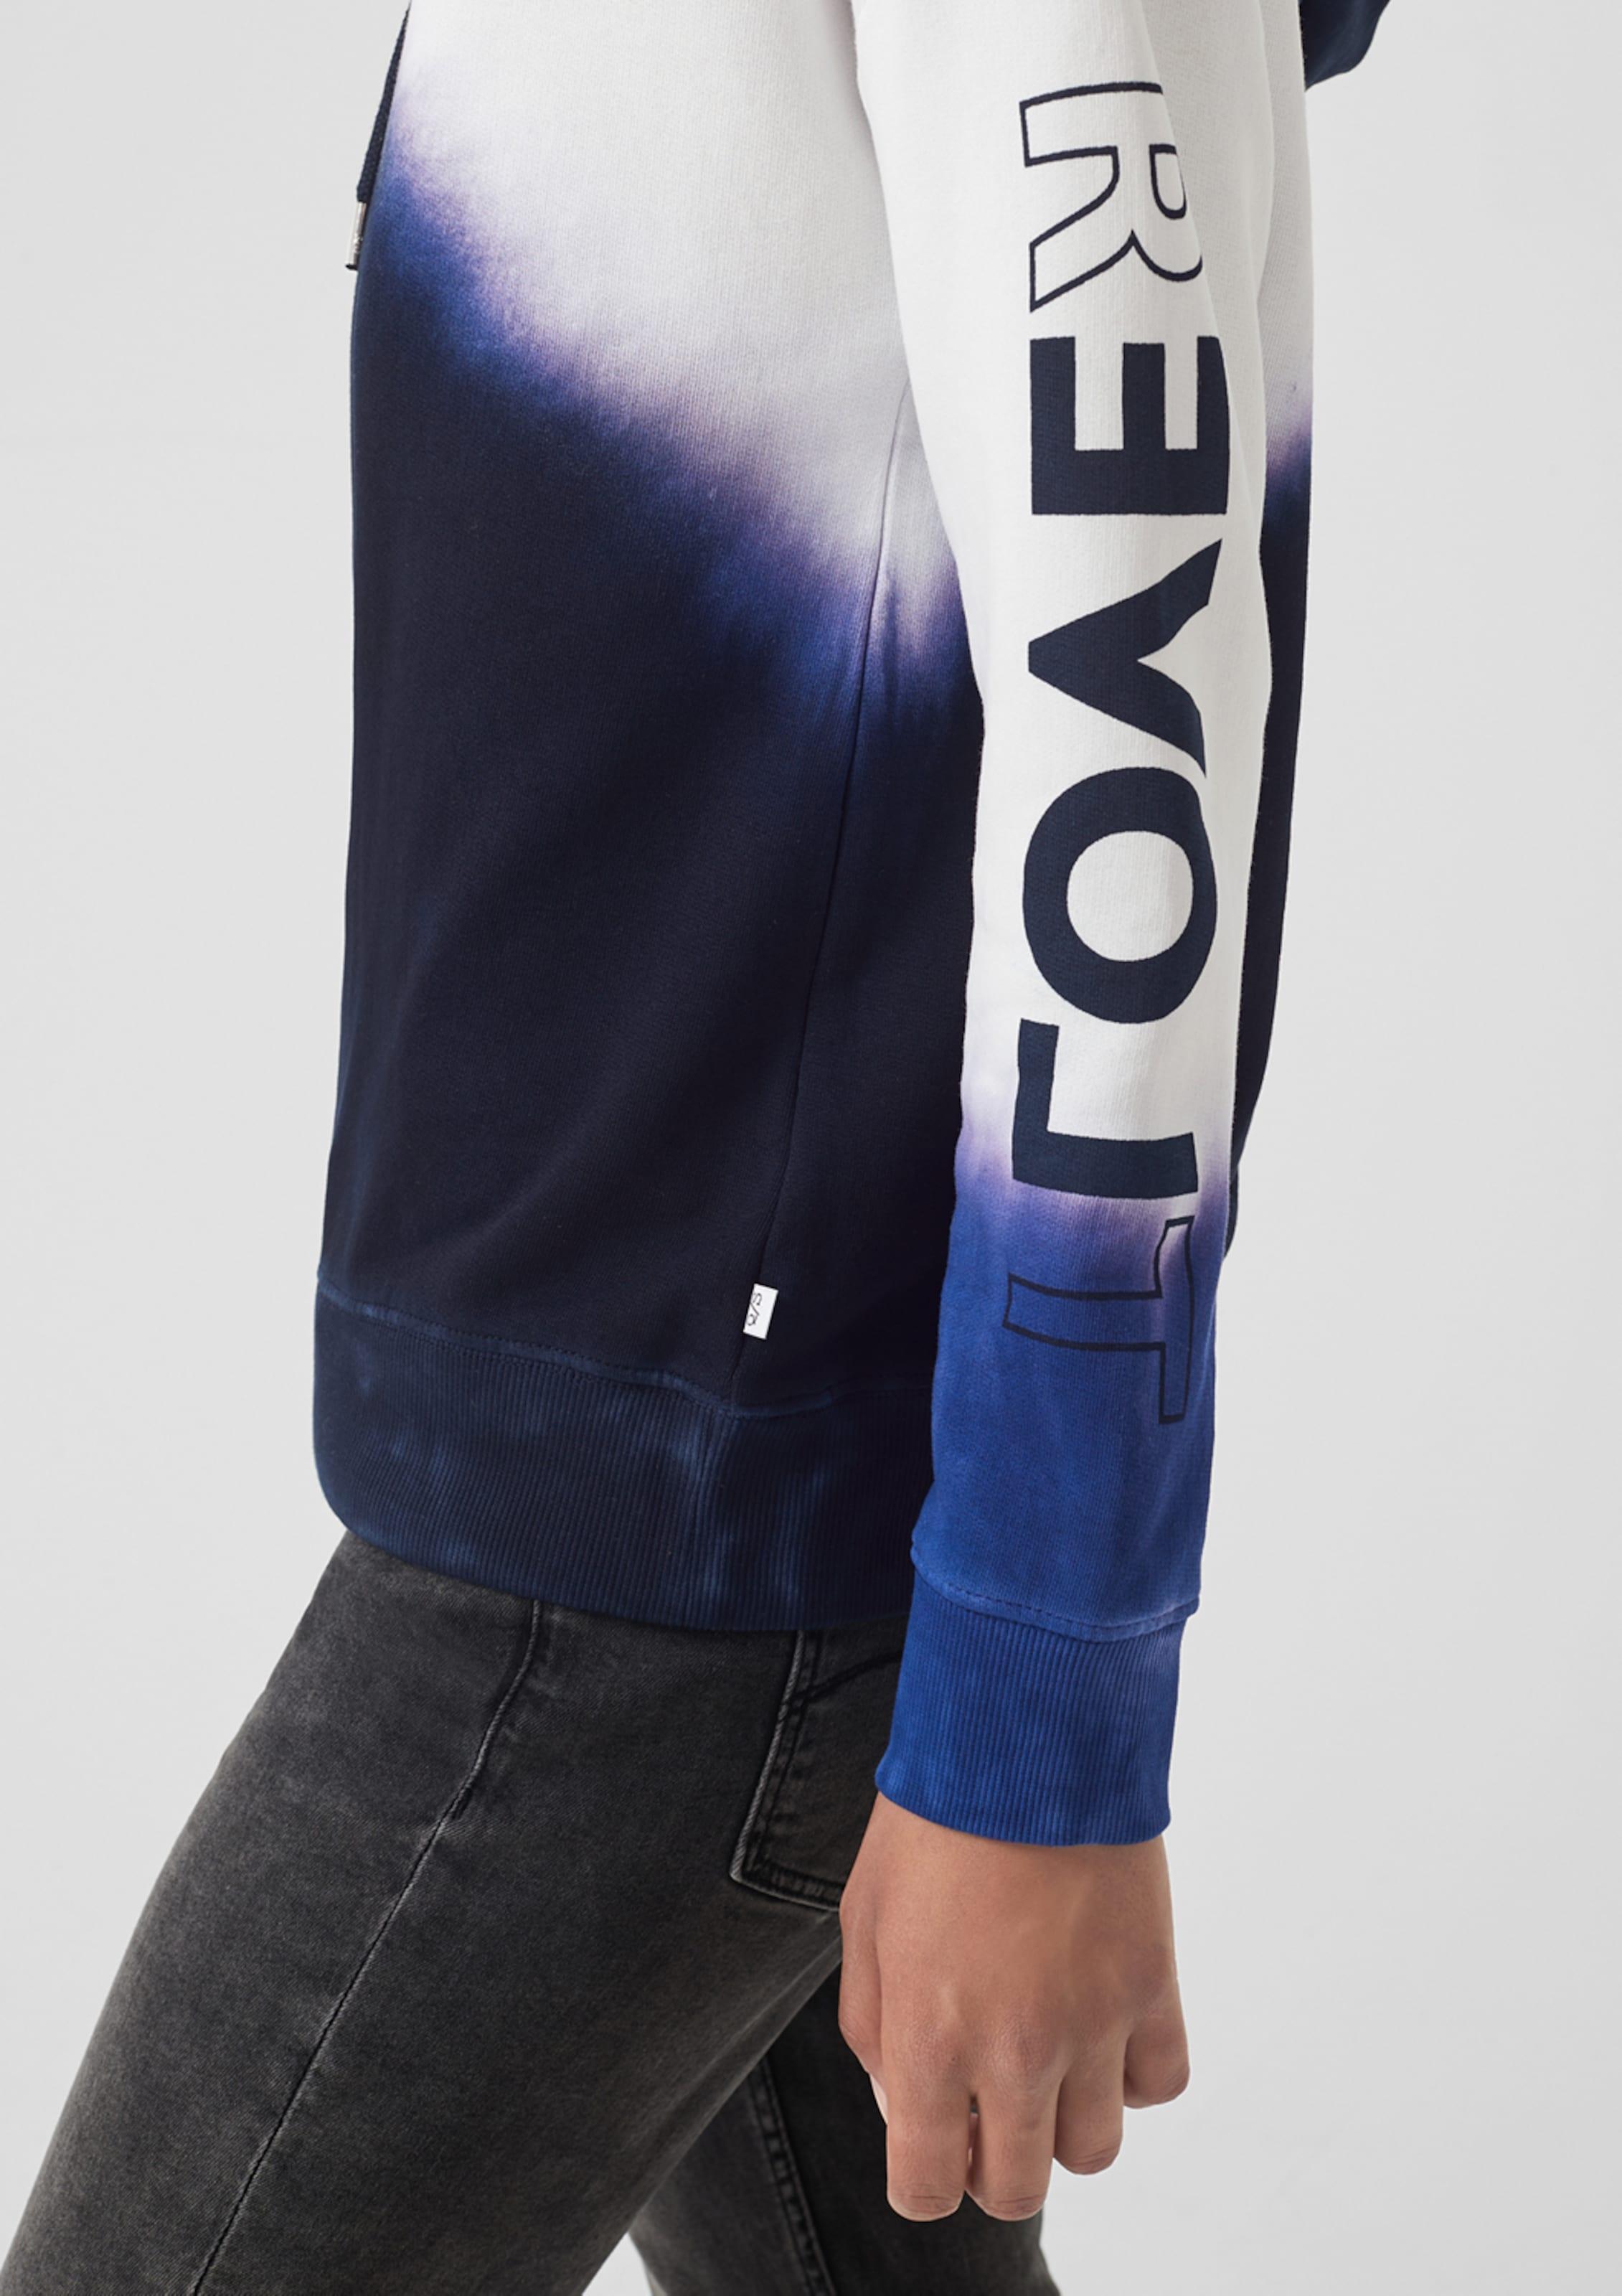 Tie By Designed DunkelblauNeonpink s Dye Weiß hoodie In Q qzpMVSU